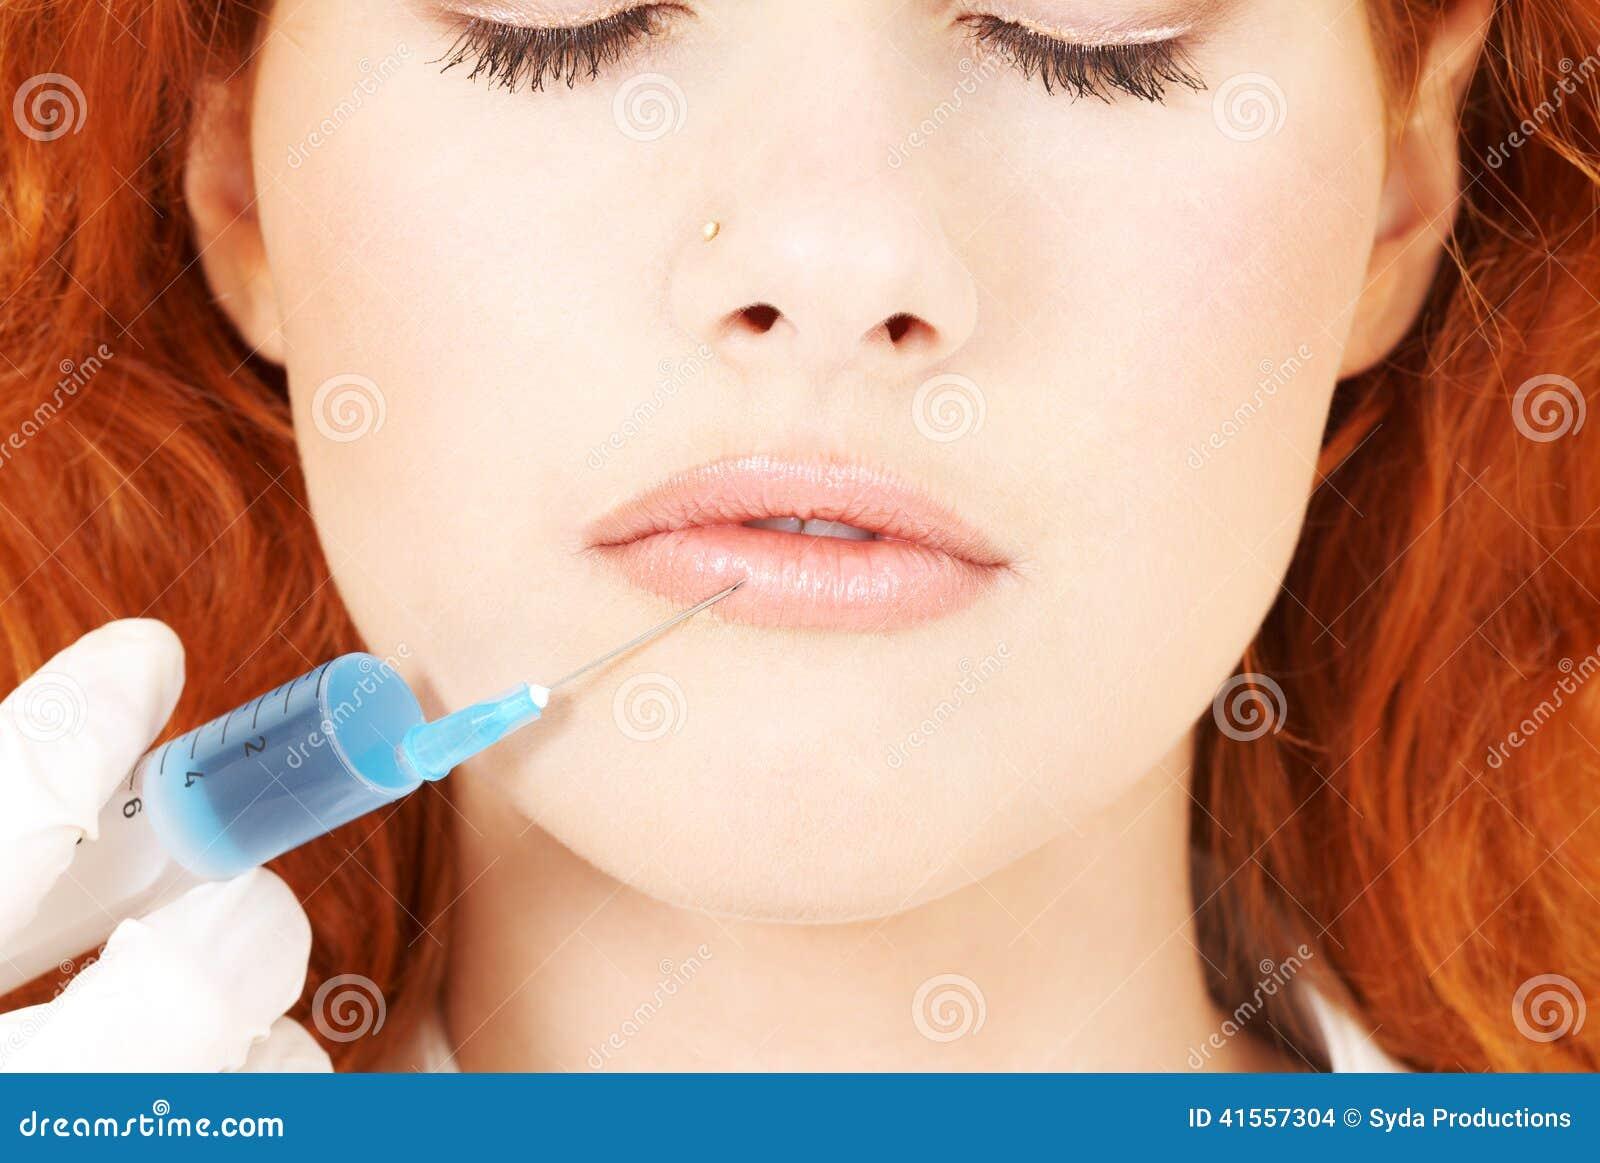 Lippenuitbreiding